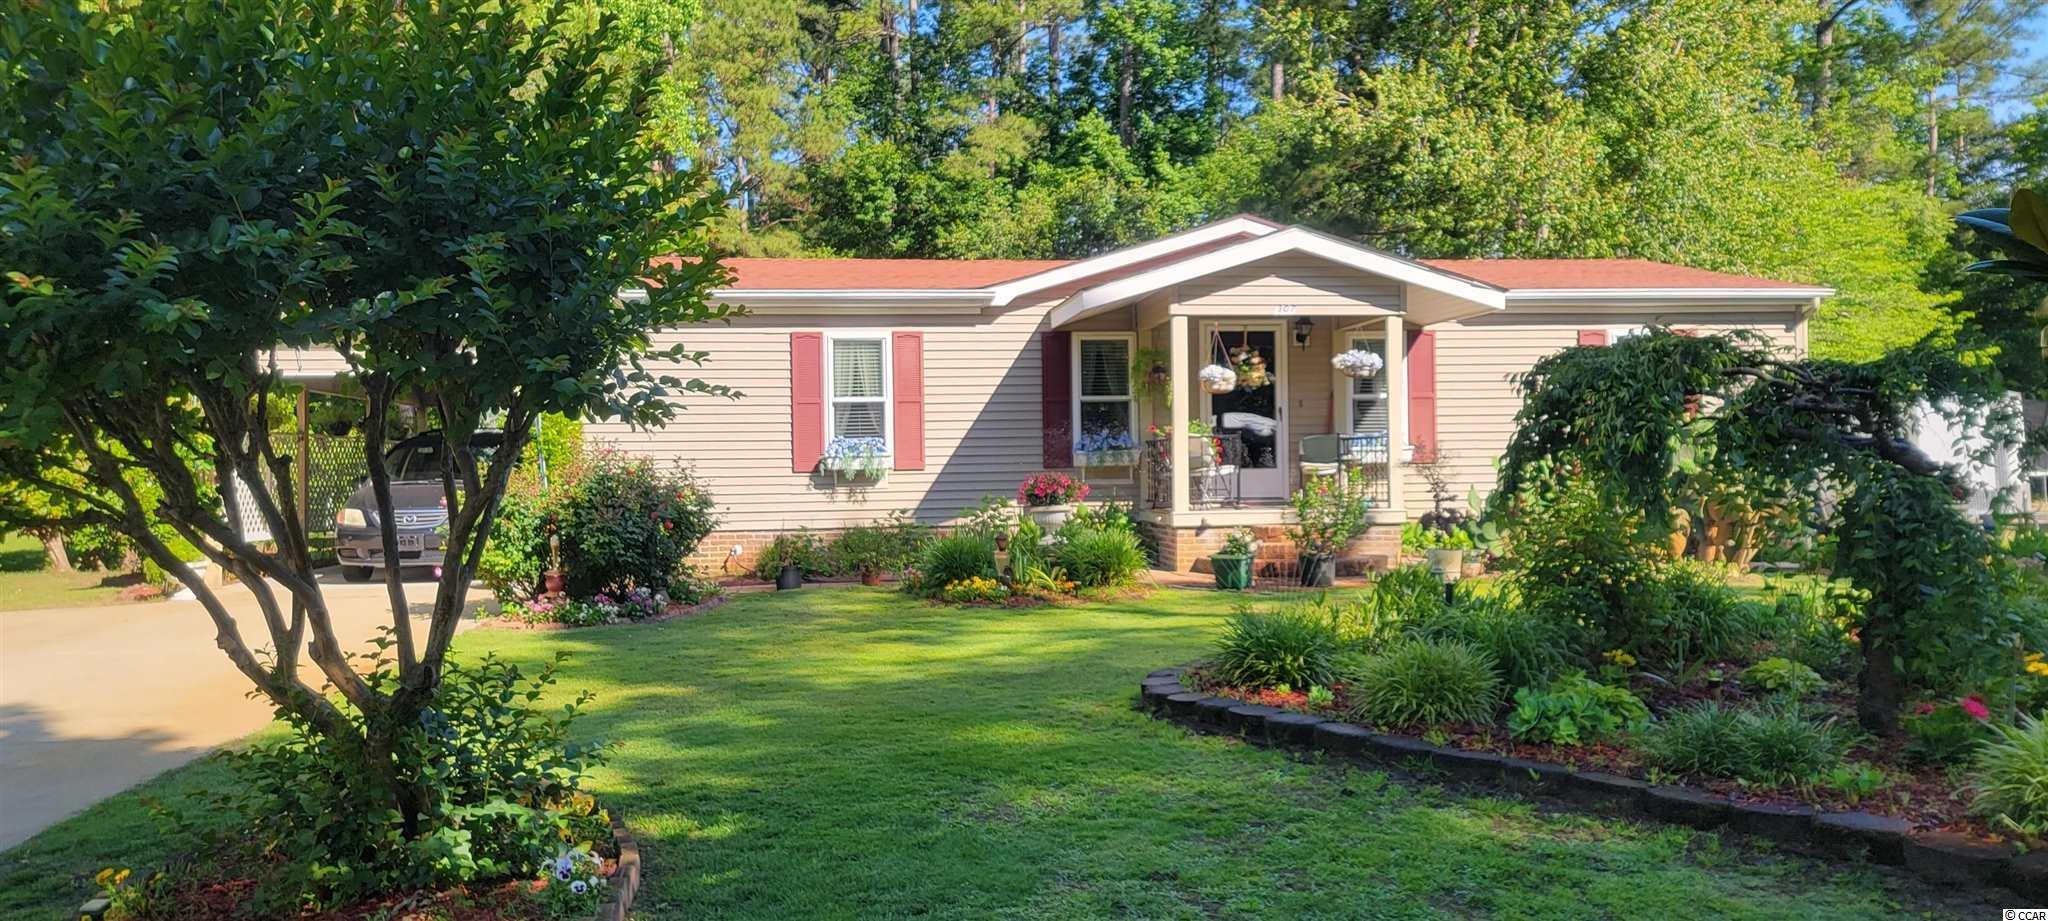 307 Ridgewood Dr. Nw Property Photo 1